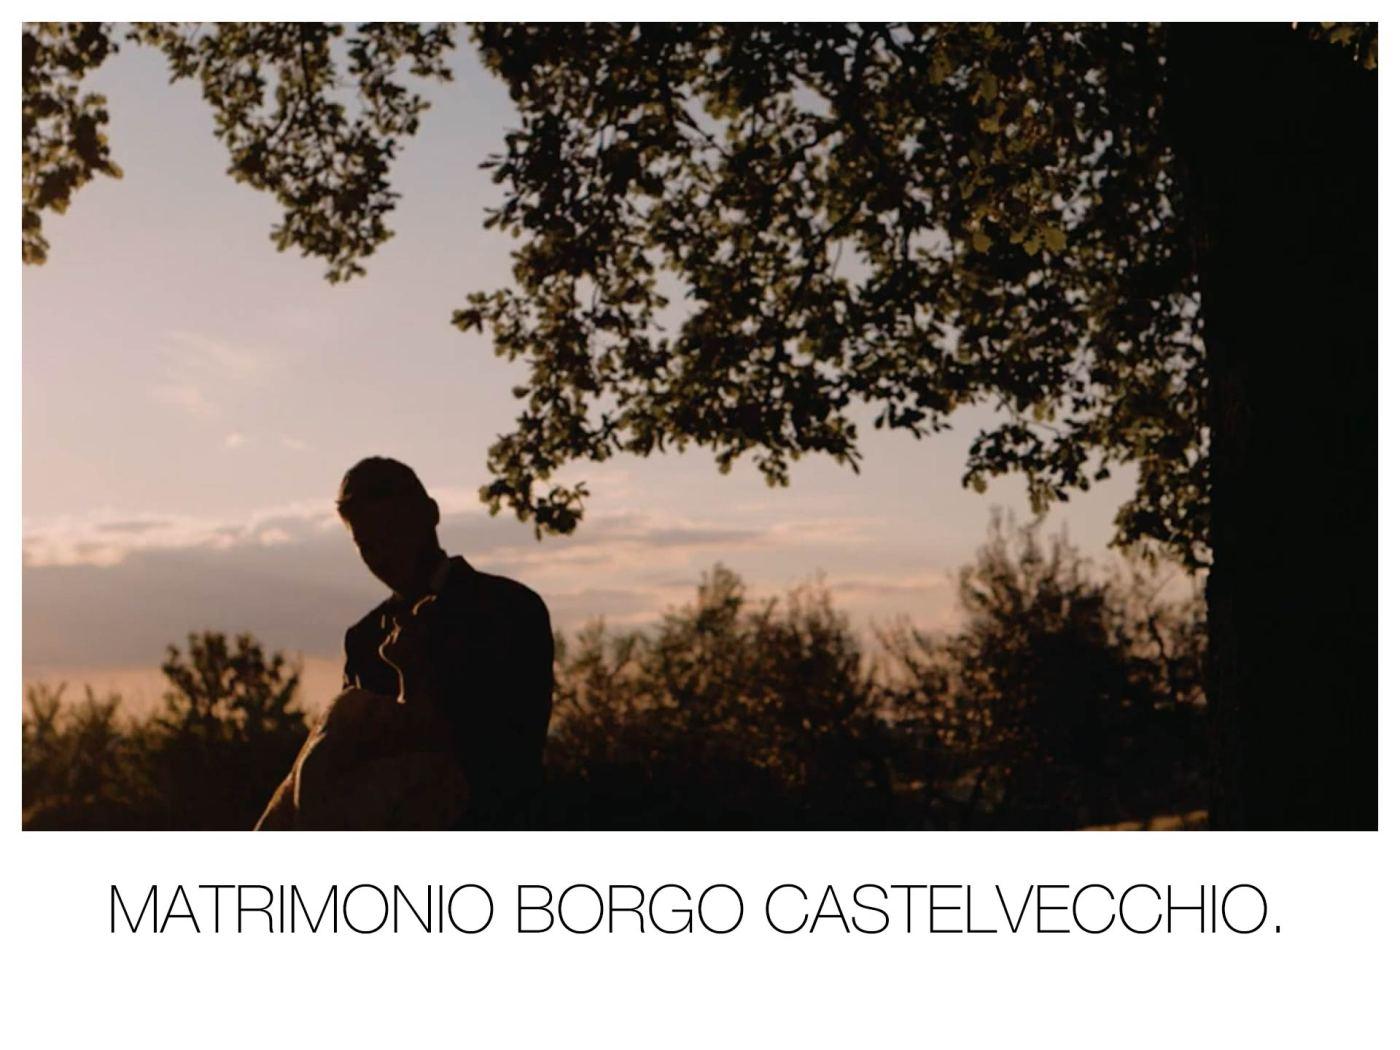 Matrimonio Borgo Castelvecchio